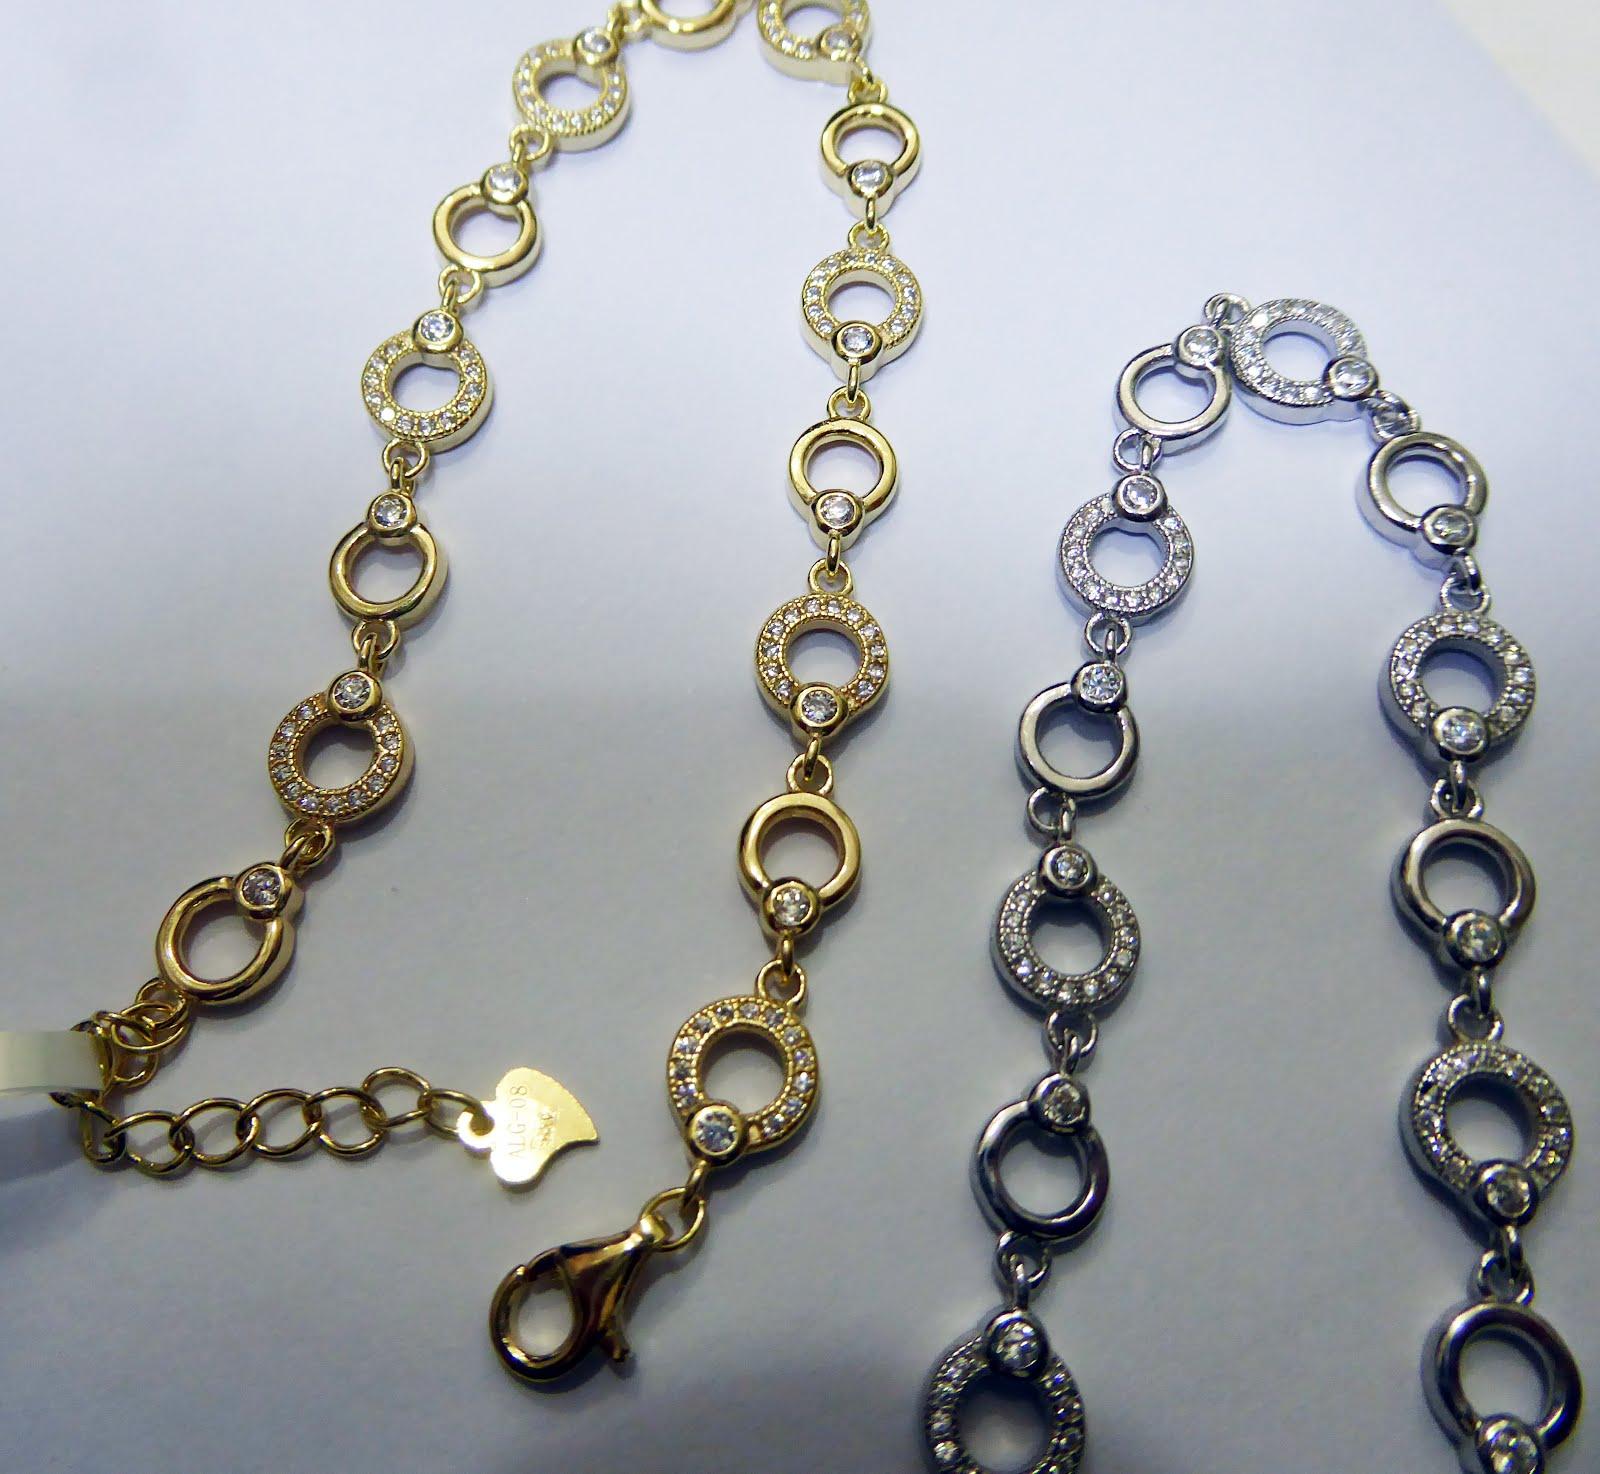 Pulseras de plata dorada y plata blanca